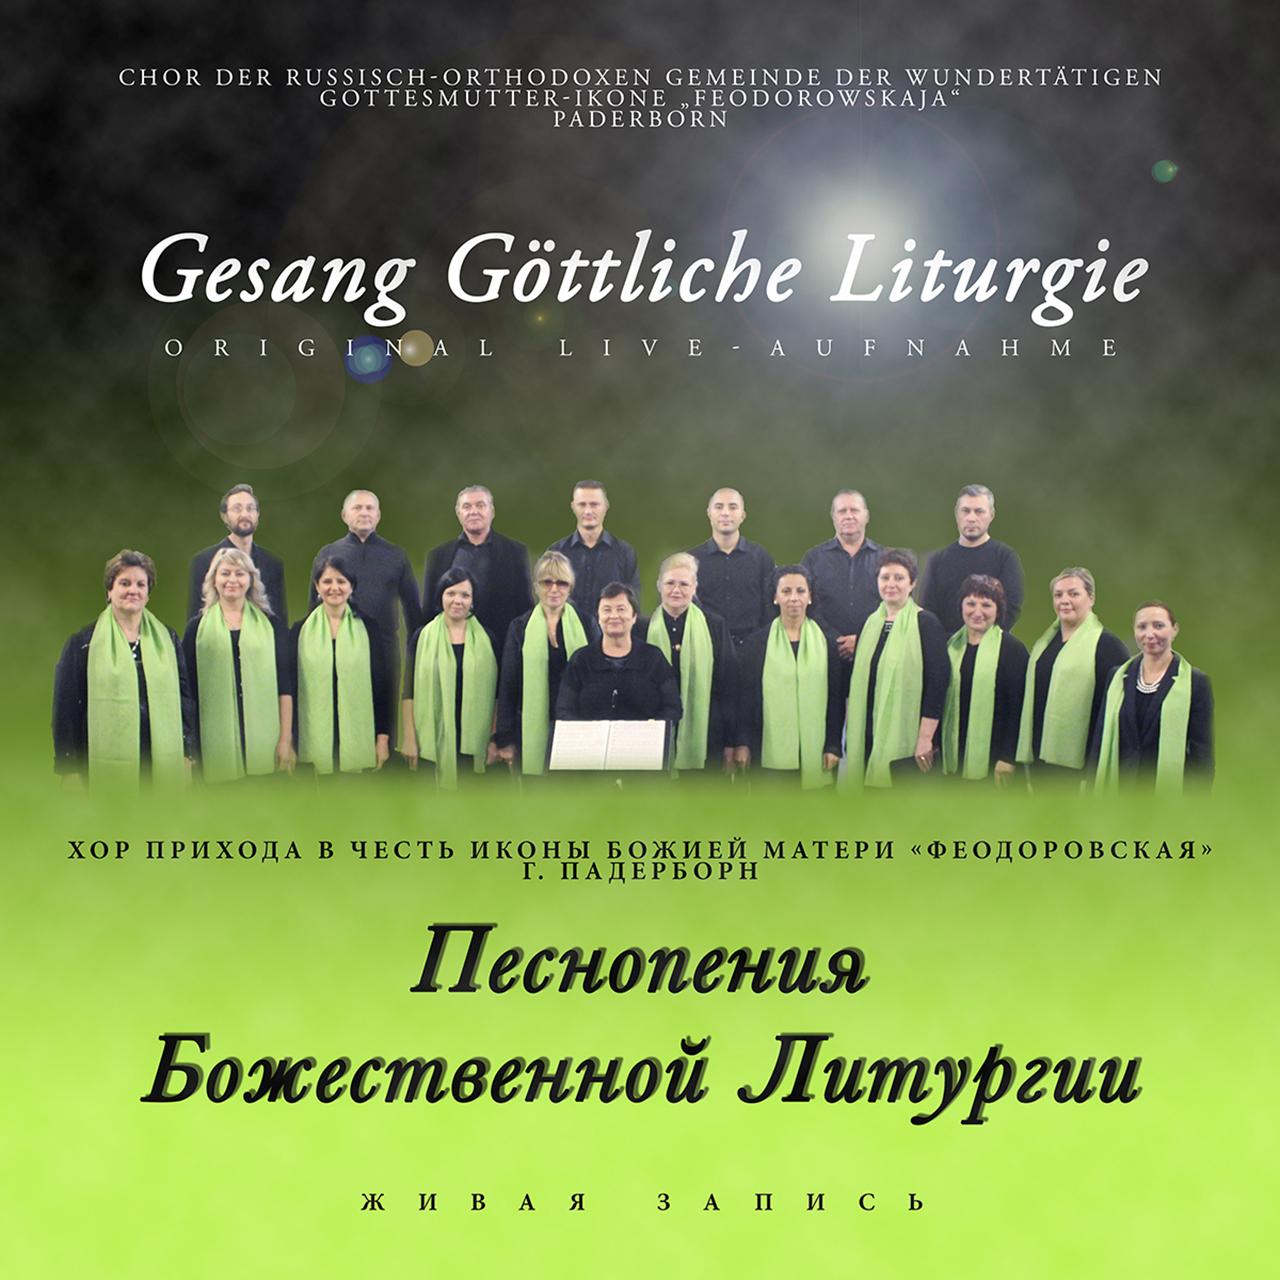 Gesang Göttliche Liturgie